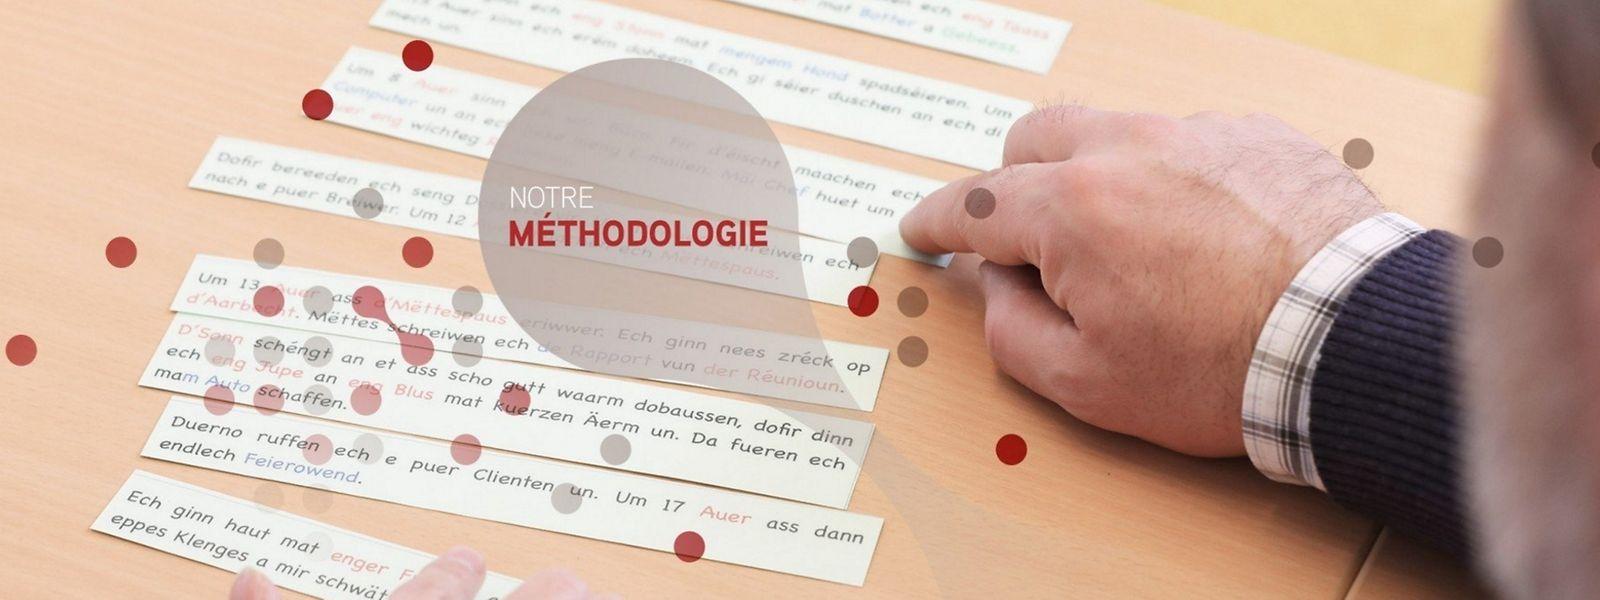 Le site présente toutes les informations sur l'offre de cours, les certifications ou la méthodologie de l'INL